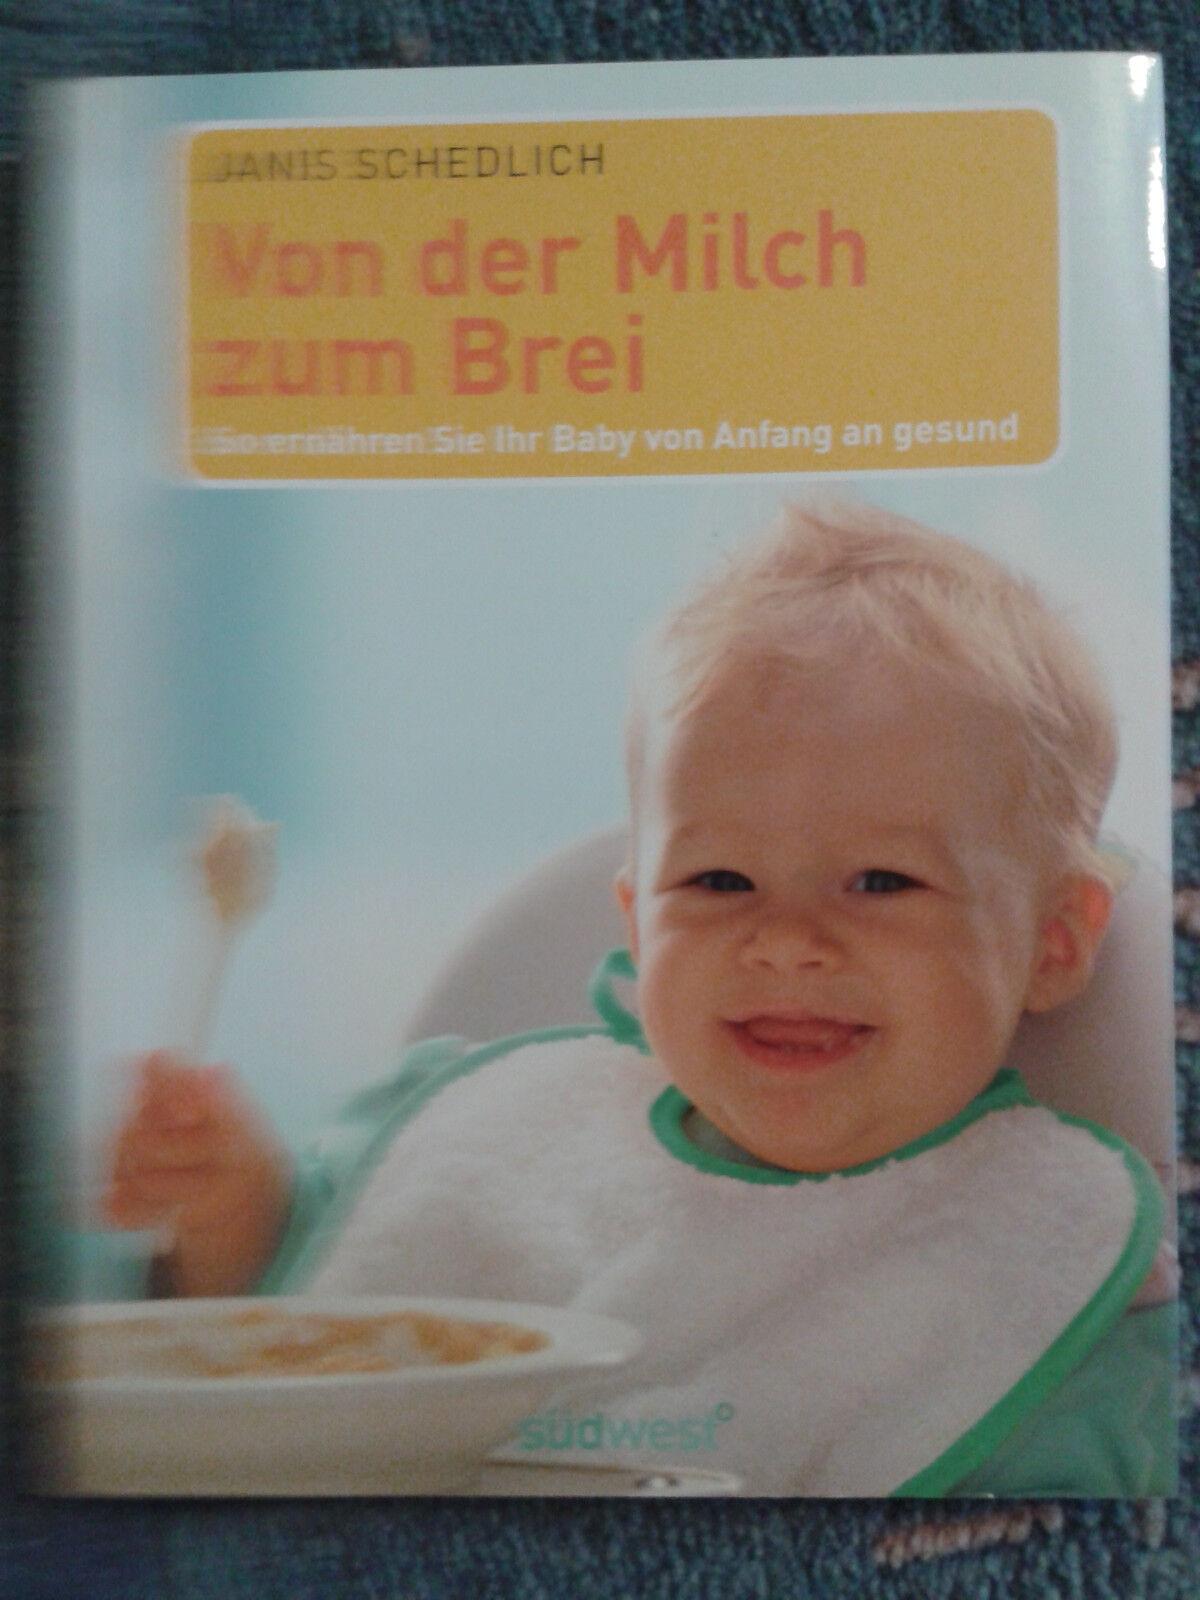 """""""Von der Milch zum Brei"""" Baby Ratgeber gesunde Ernährung"""